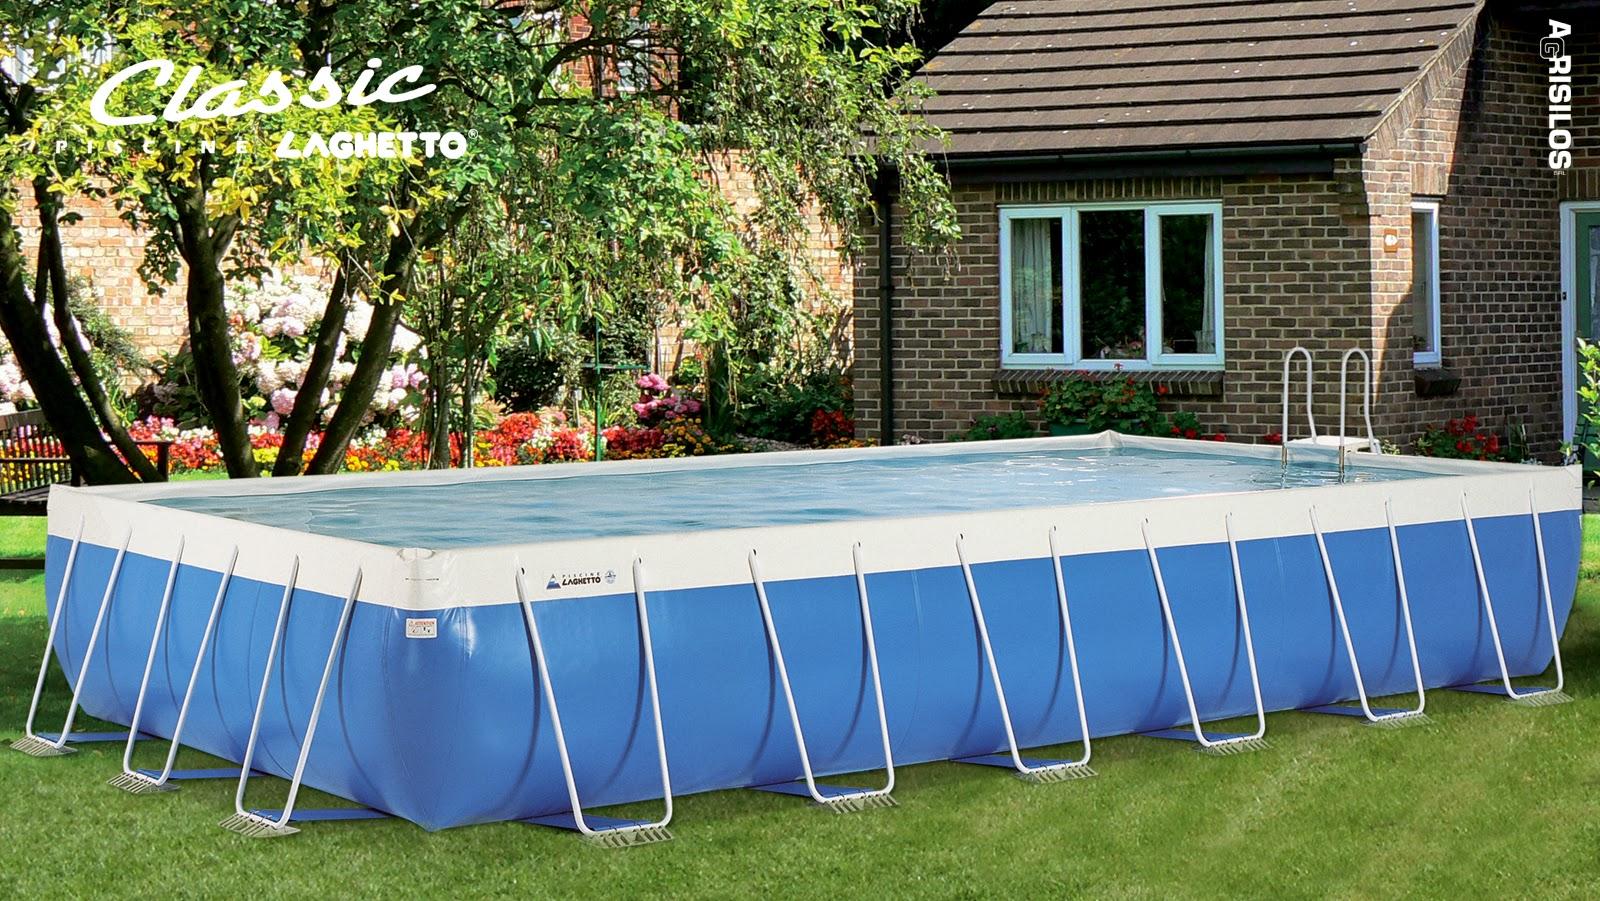 Promozione classic sino a fine maggio piscine laghetto news blog - Piscine laghetto ...